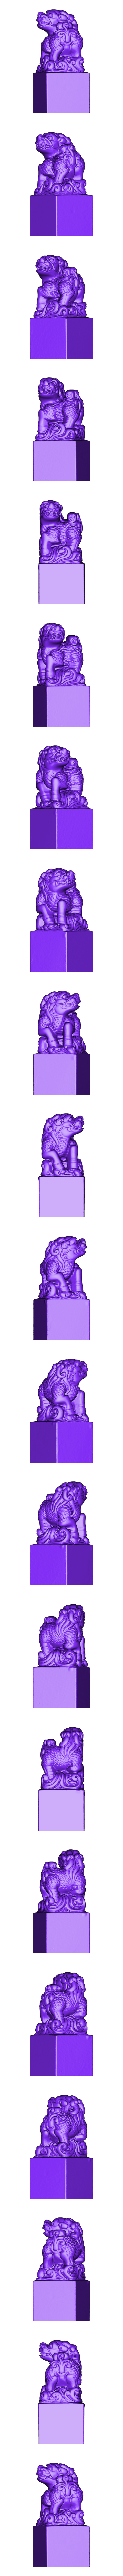 Kirin.obj Télécharger fichier OBJ gratuit Troupes courageuses / Mythical Wild Animal / PiXiu • Modèle imprimable en 3D, stlfilesfree